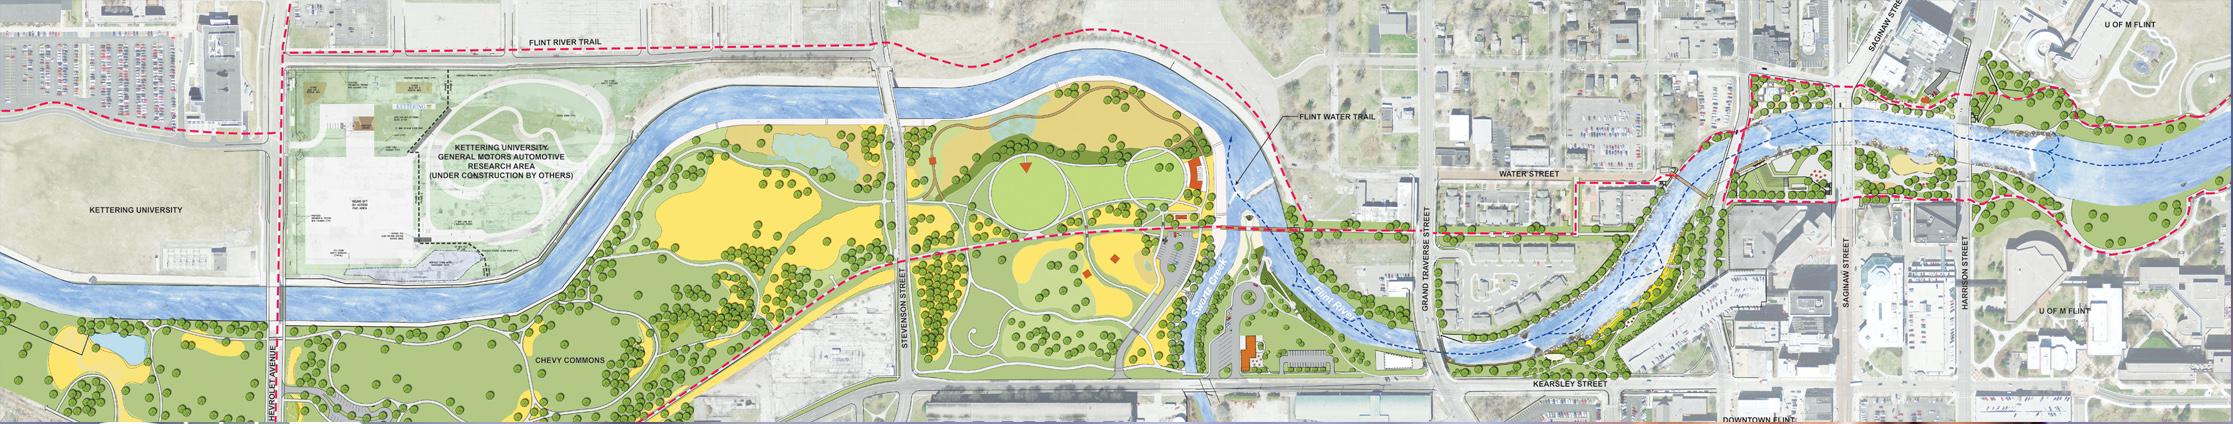 Flint River Map